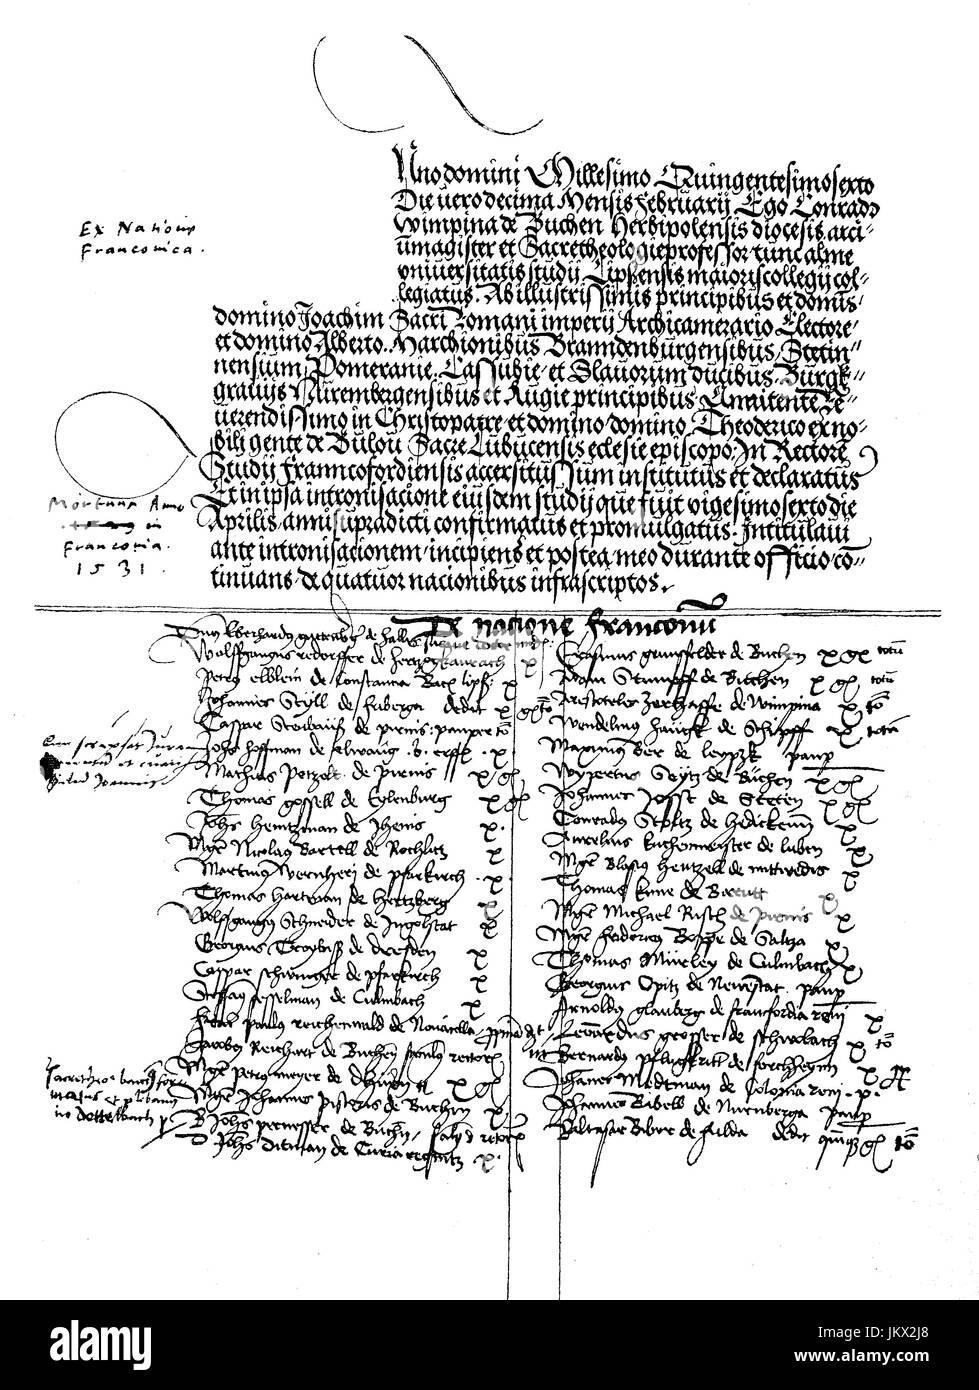 Mejorado: Digital, Facsímil de la primera página del libro, Martikelbuch, de la Universidad de Francfort del Oder, fundada en 1506 por el príncipe elector Jaochim I., Alemania, publicación desde el año 1882 Foto de stock